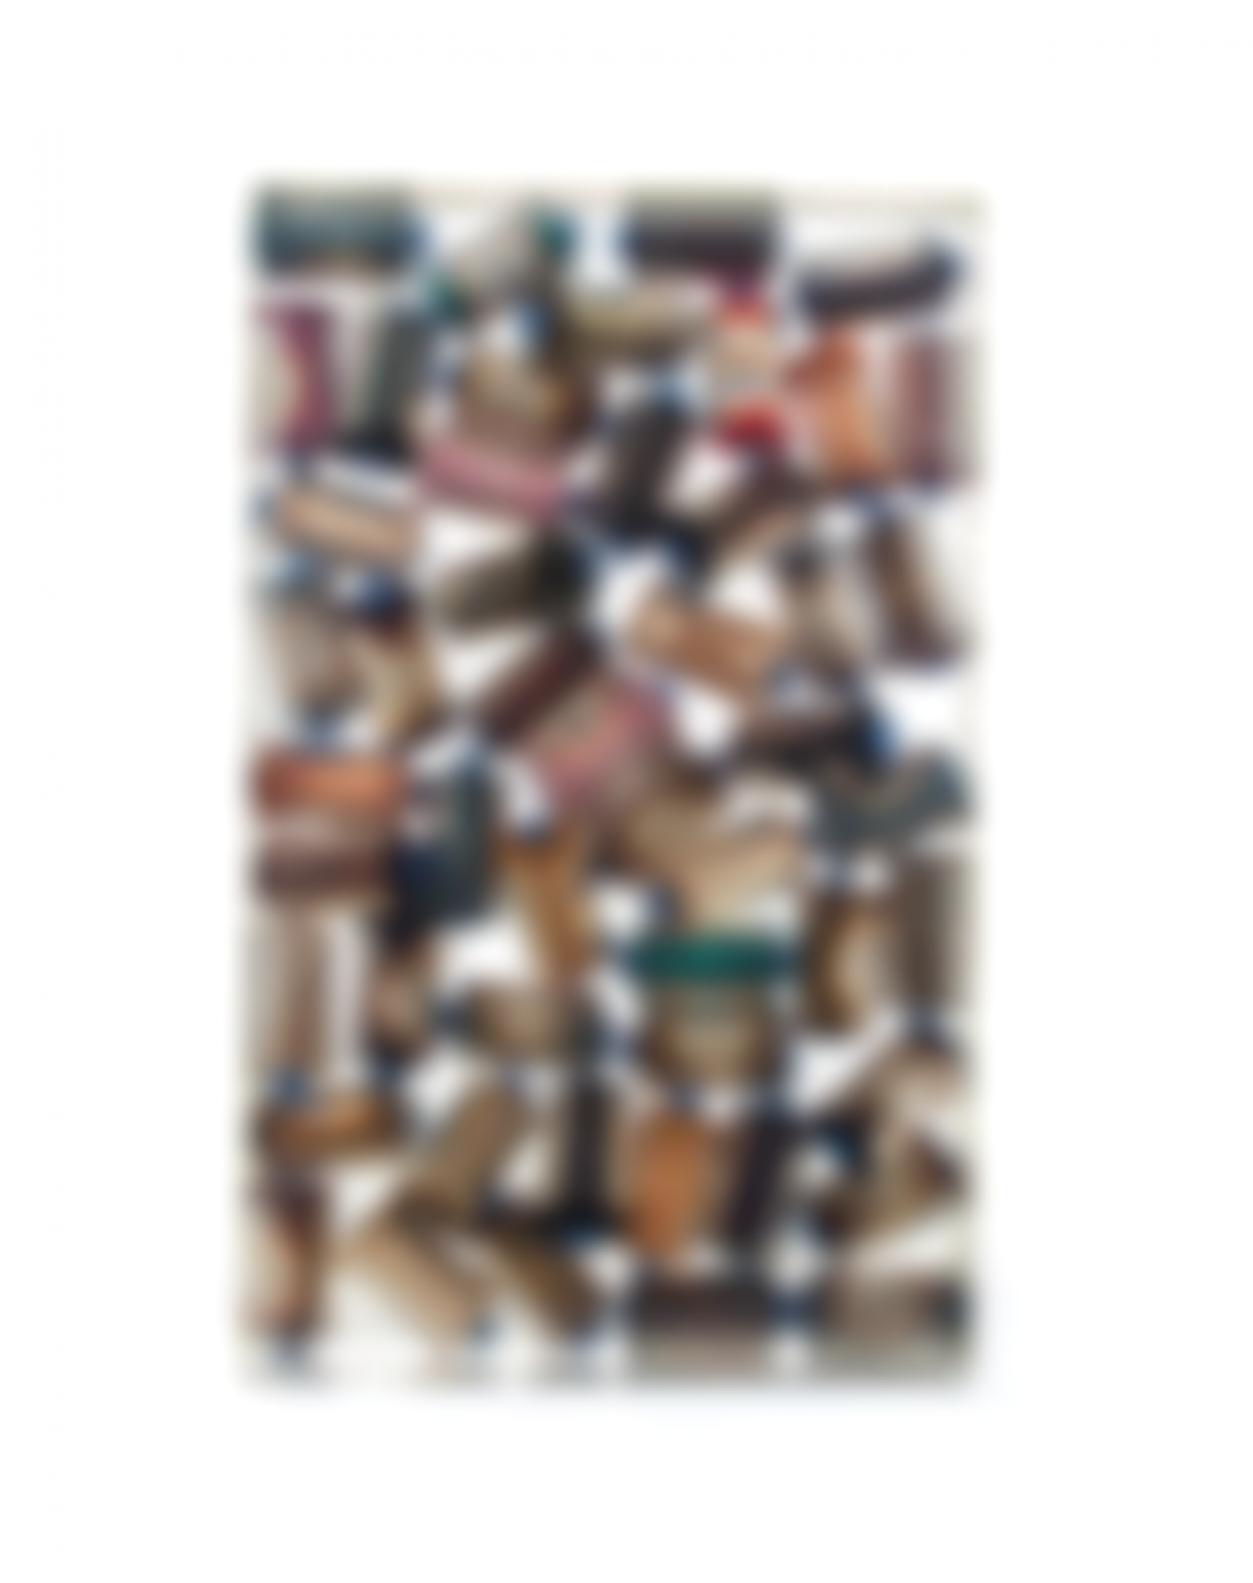 Arman-Untitled (Spools Of Thread)-2002